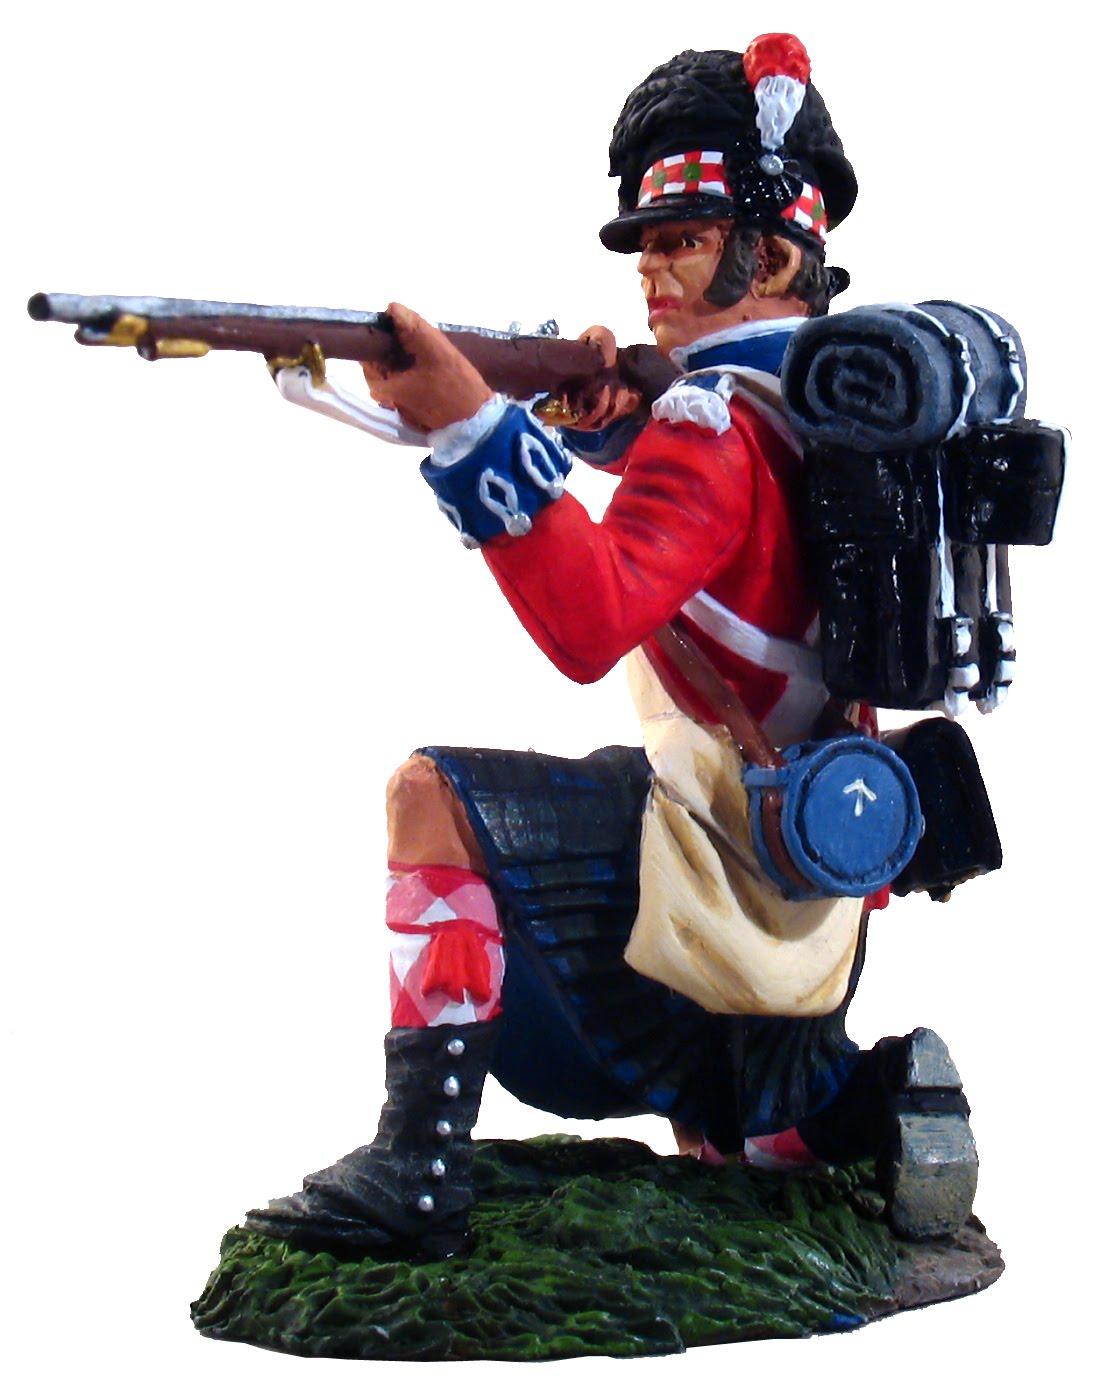 http://1.bp.blogspot.com/_BUOfb81B9EE/S84kBct7GyI/AAAAAAAACo8/_PXD9VSU9Gw/s1600/regimental_13.jpg